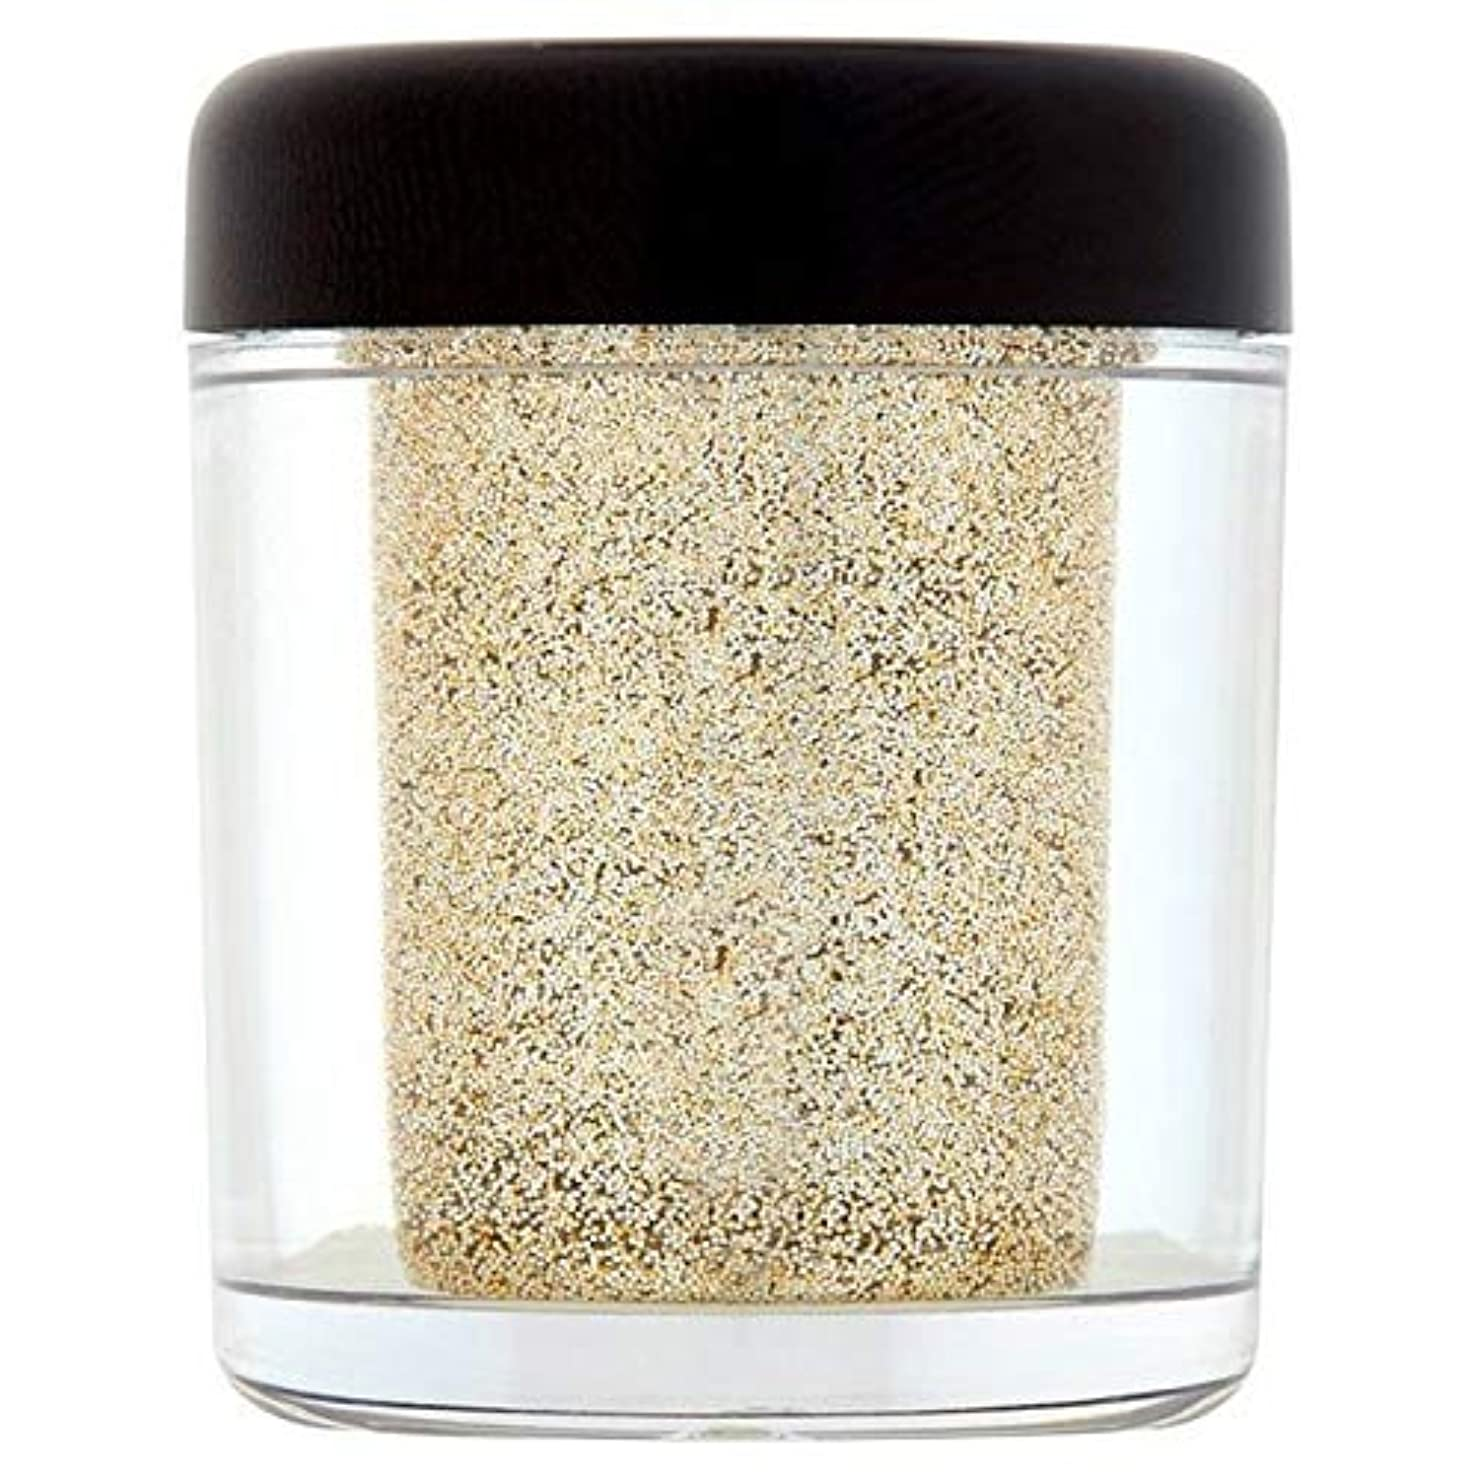 ラッシュイヤホン解釈[Collection ] 収集グラムの結晶は、フェイス&ボディグリッター金目当ての女3 - Collection Glam Crystals Face & Body Glitter Gold Digger 3 [並行輸入品]